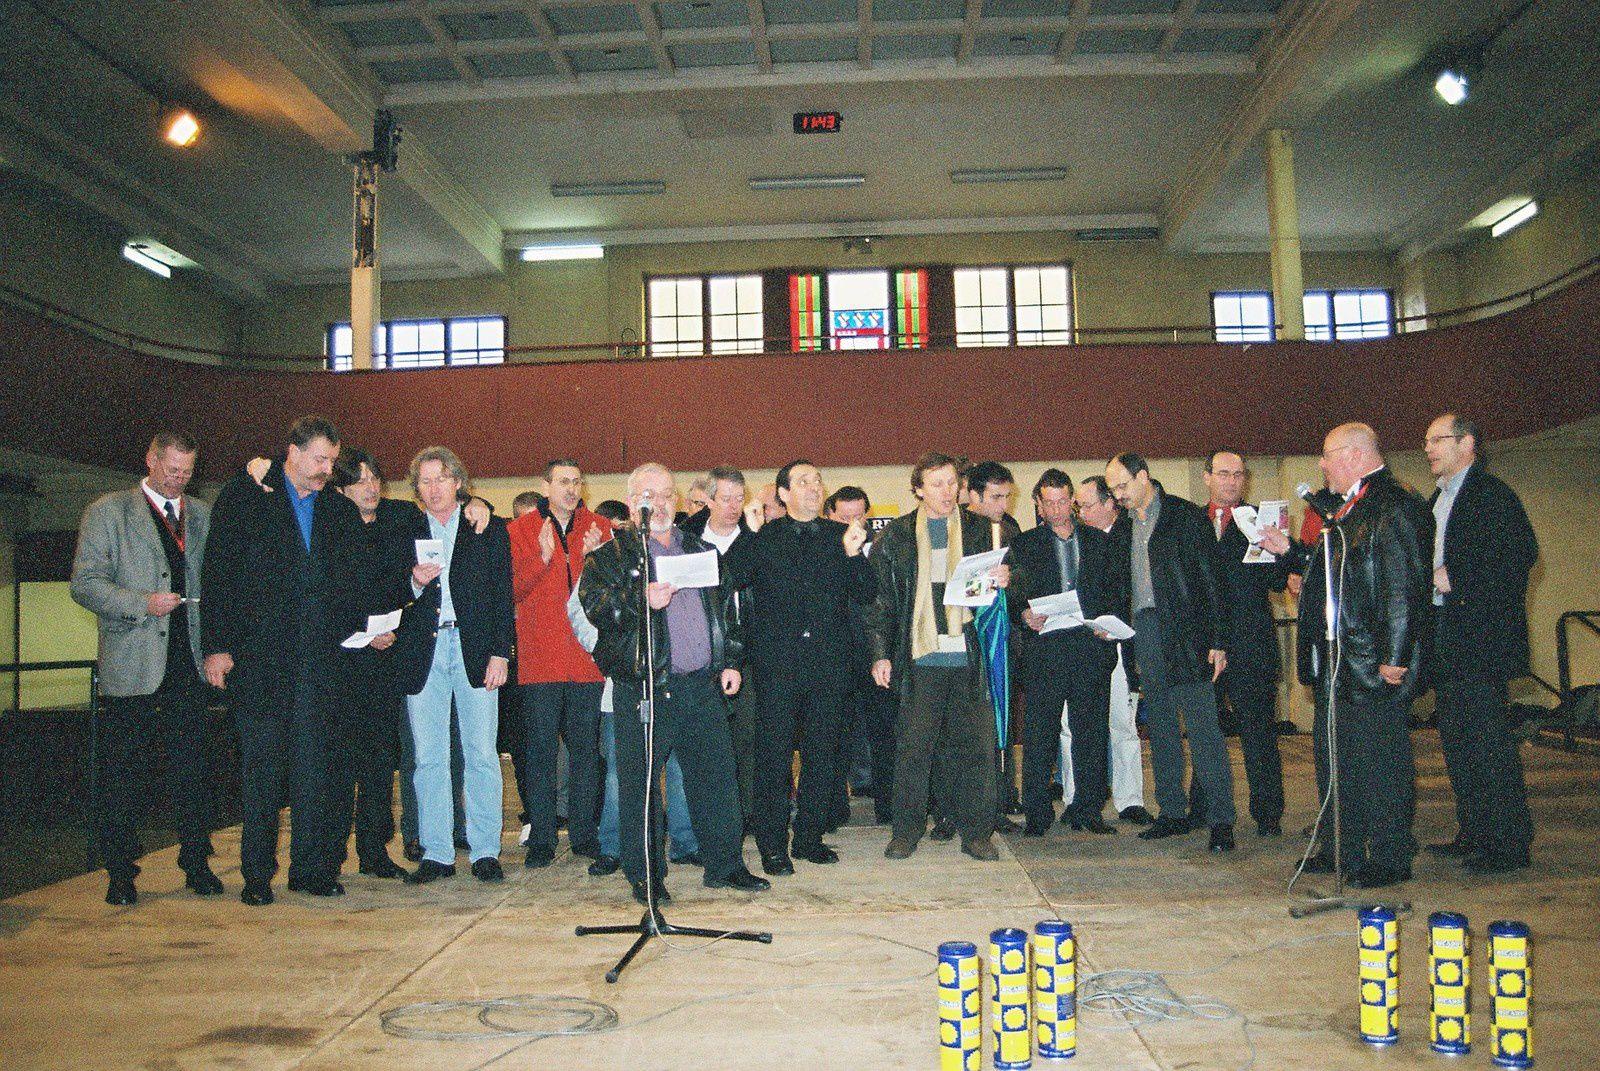 album - 2005-01-23-01-chanson_des_classes